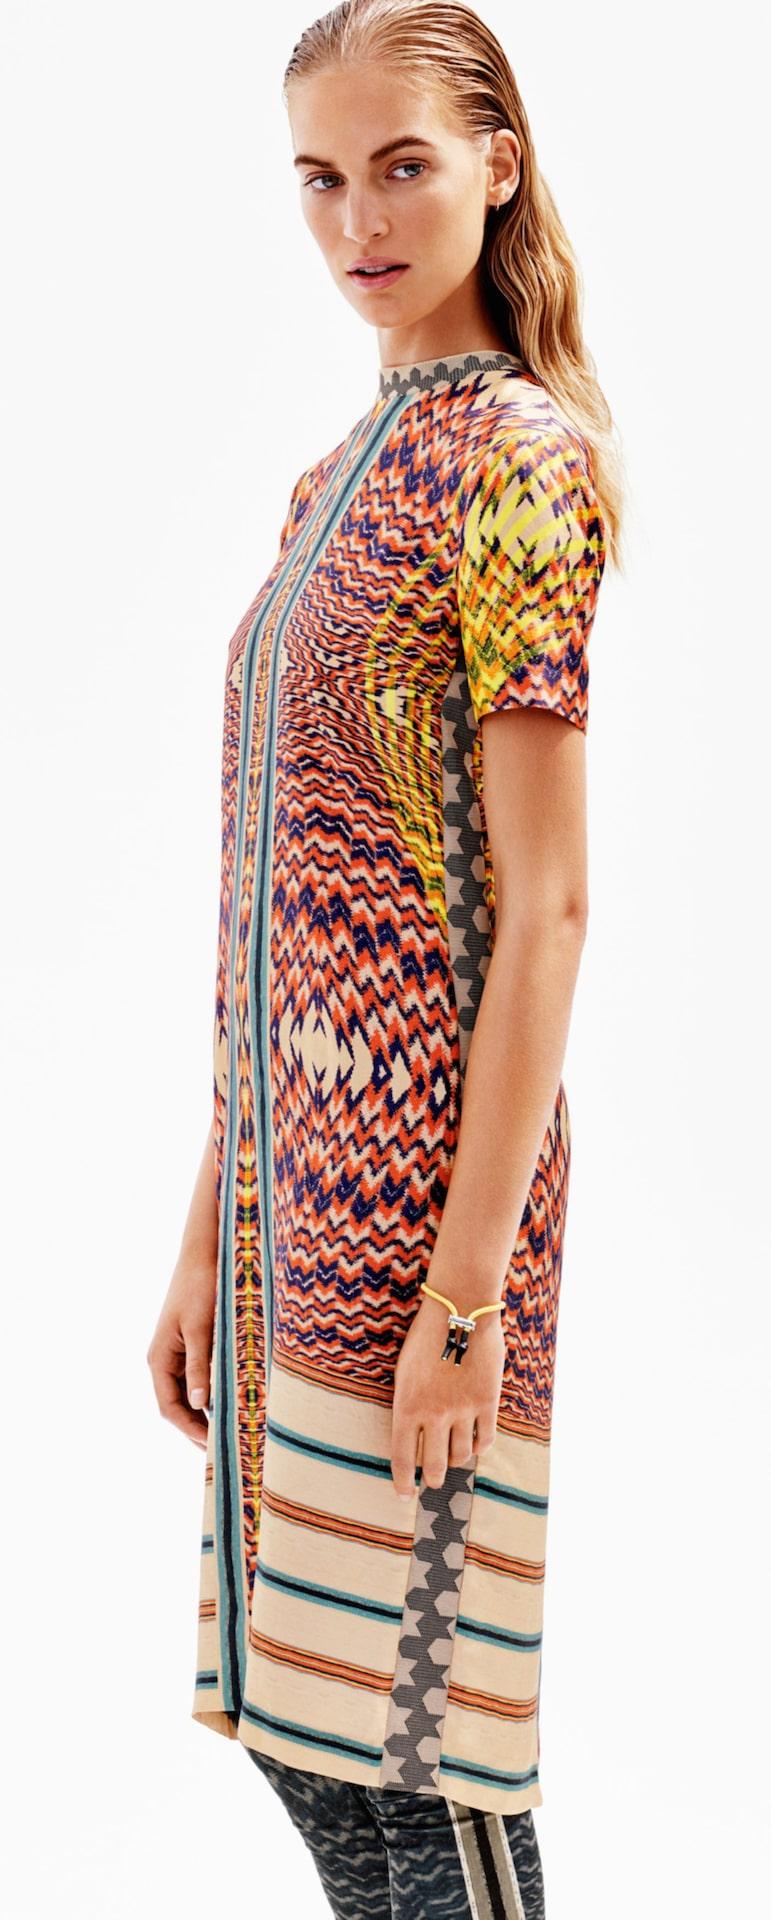 Figursydd. Våga ett modernt mönster som tar fokus! Klänning i multifärg och mönster som sticker ut. En knälång klänning i mullbärssiden med tryckt mönster. Klänningen är figursydd och har kort ärm. 799 kronor, Hm.com.